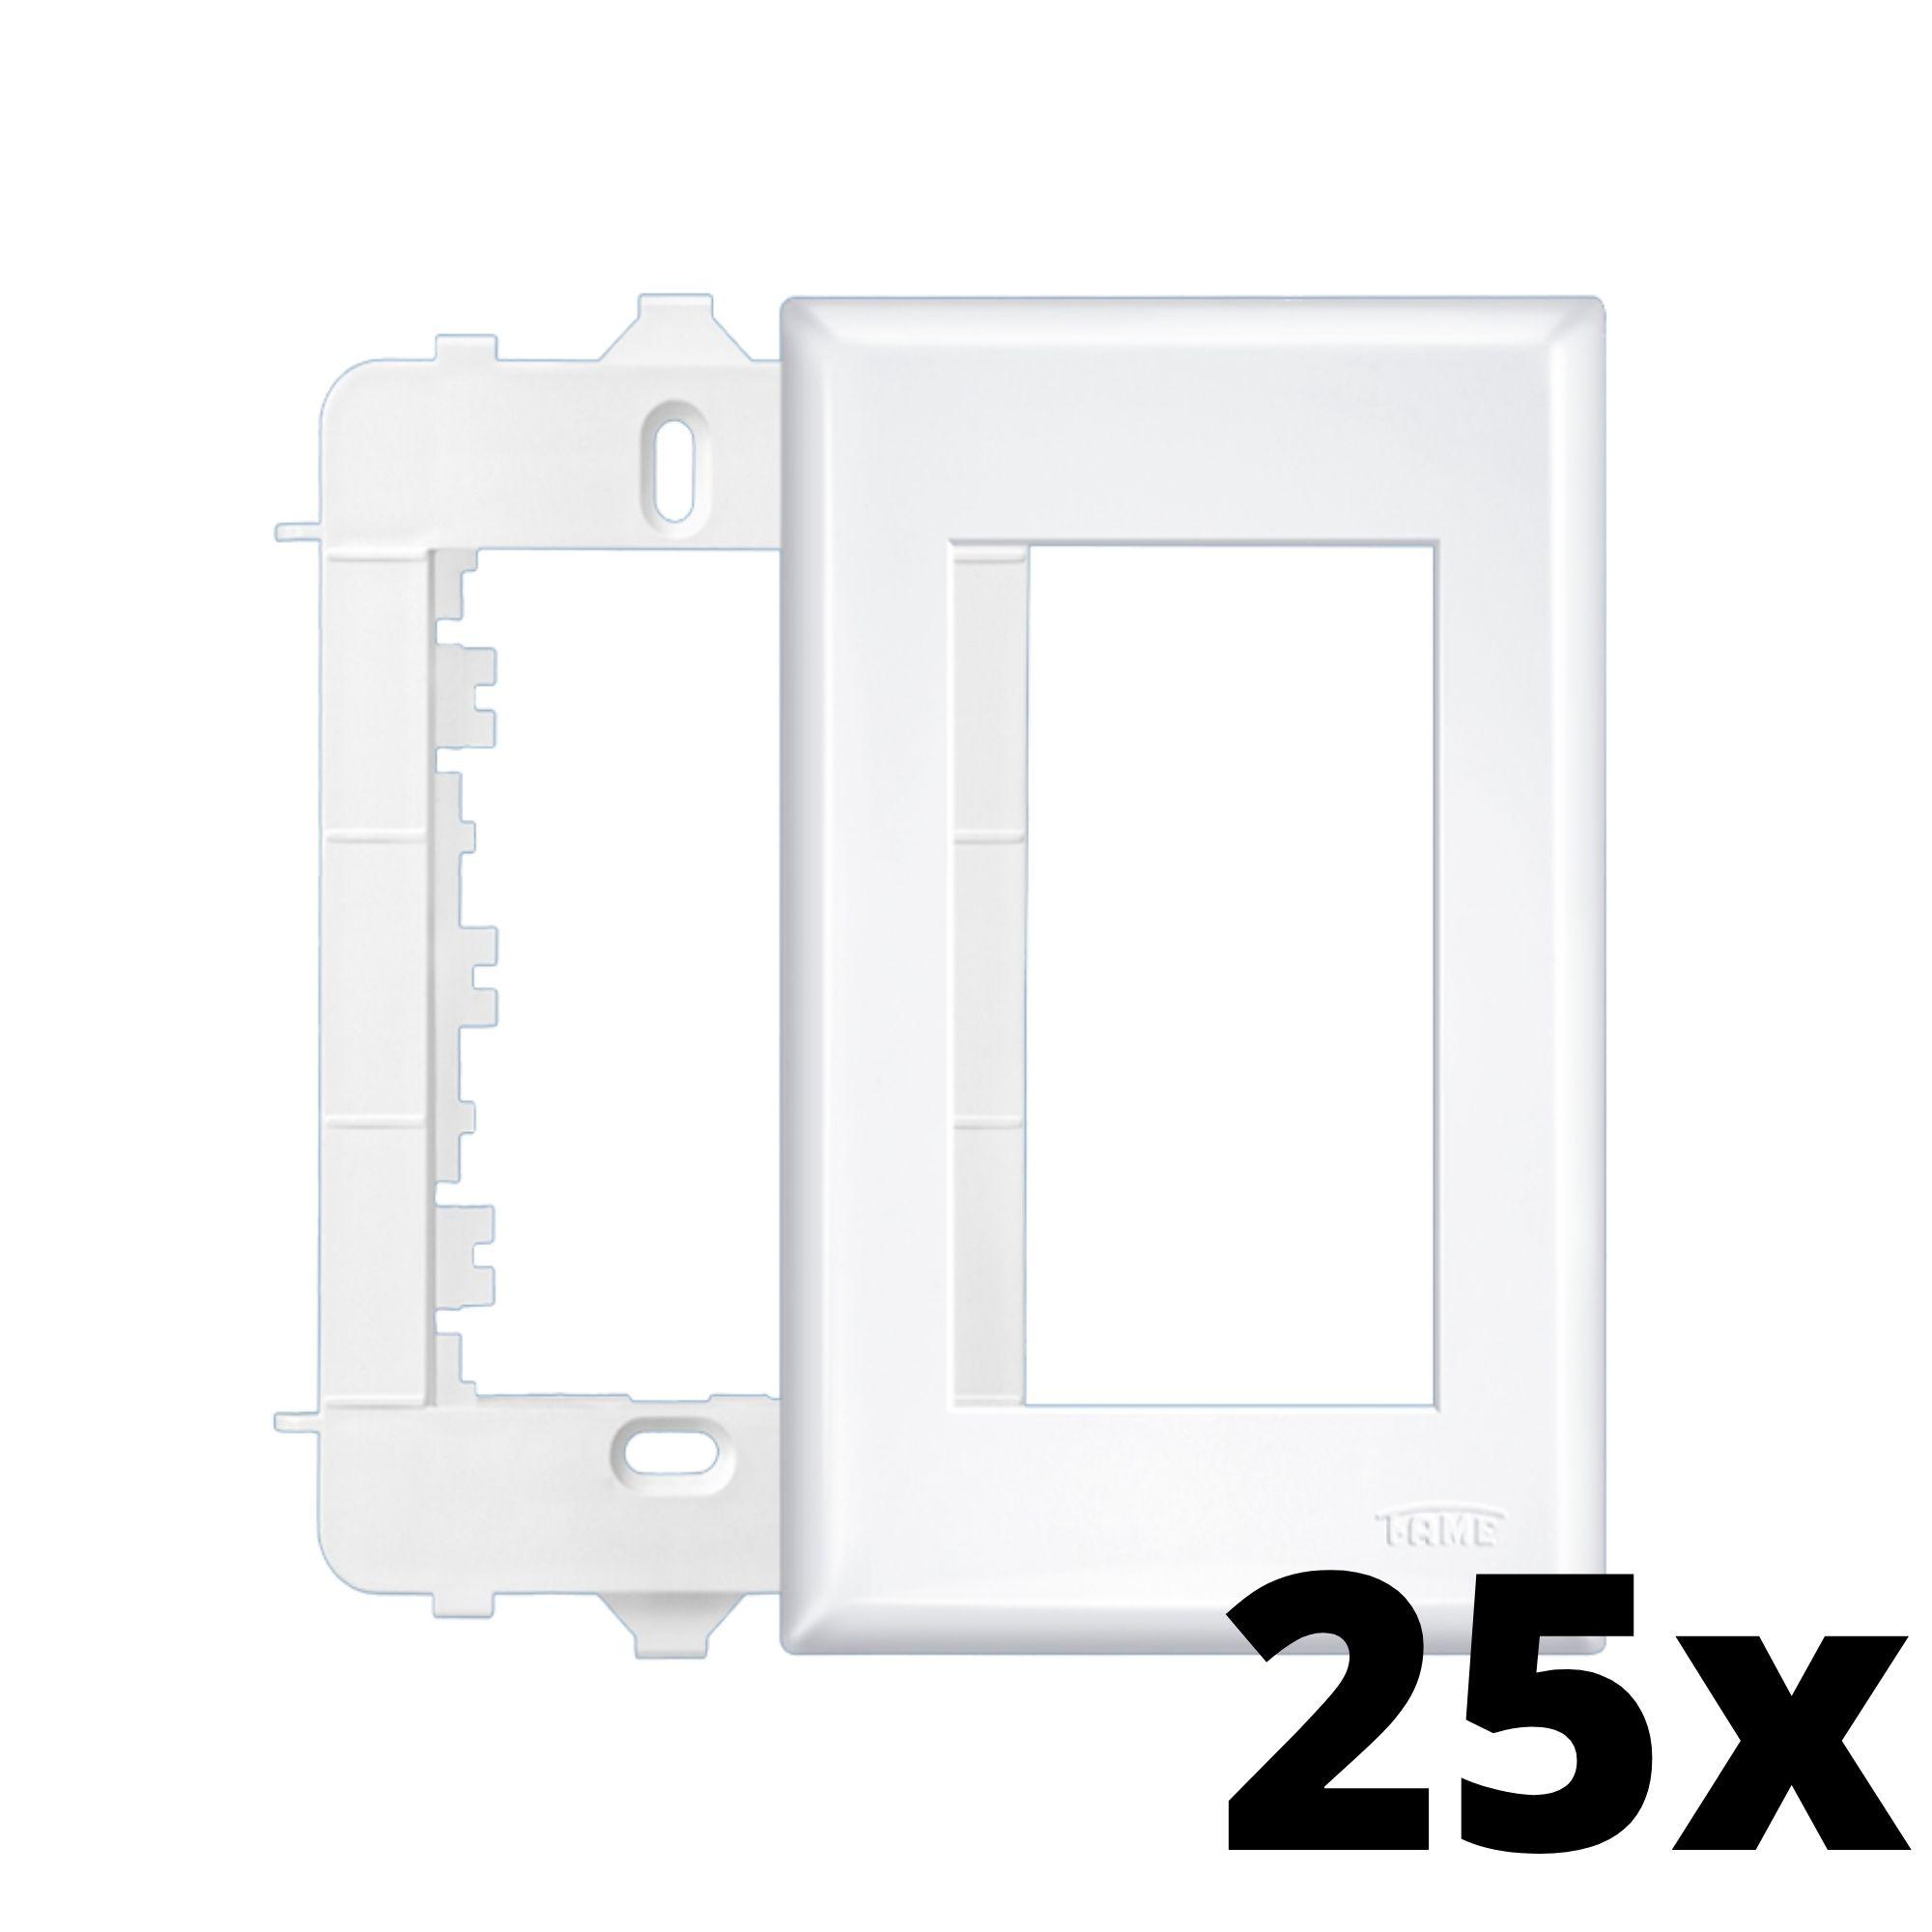 Kit 25 und Evidence Placa 4x2 3 Seções